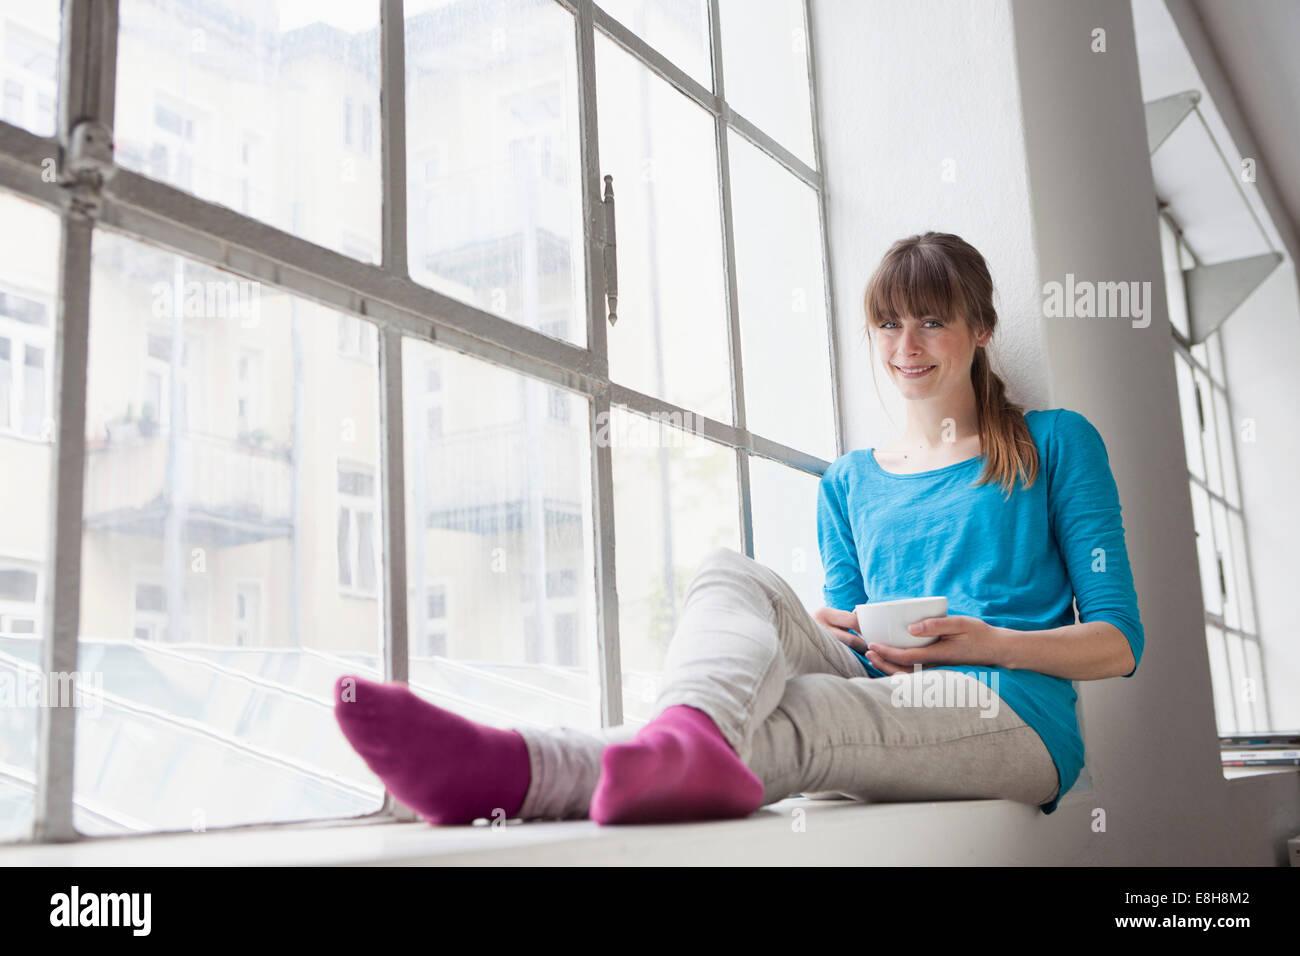 Porträt der lächelnde junge Frau mit Tasse Kaffee auf der Fensterbank in einem Büro sitzen Stockfoto